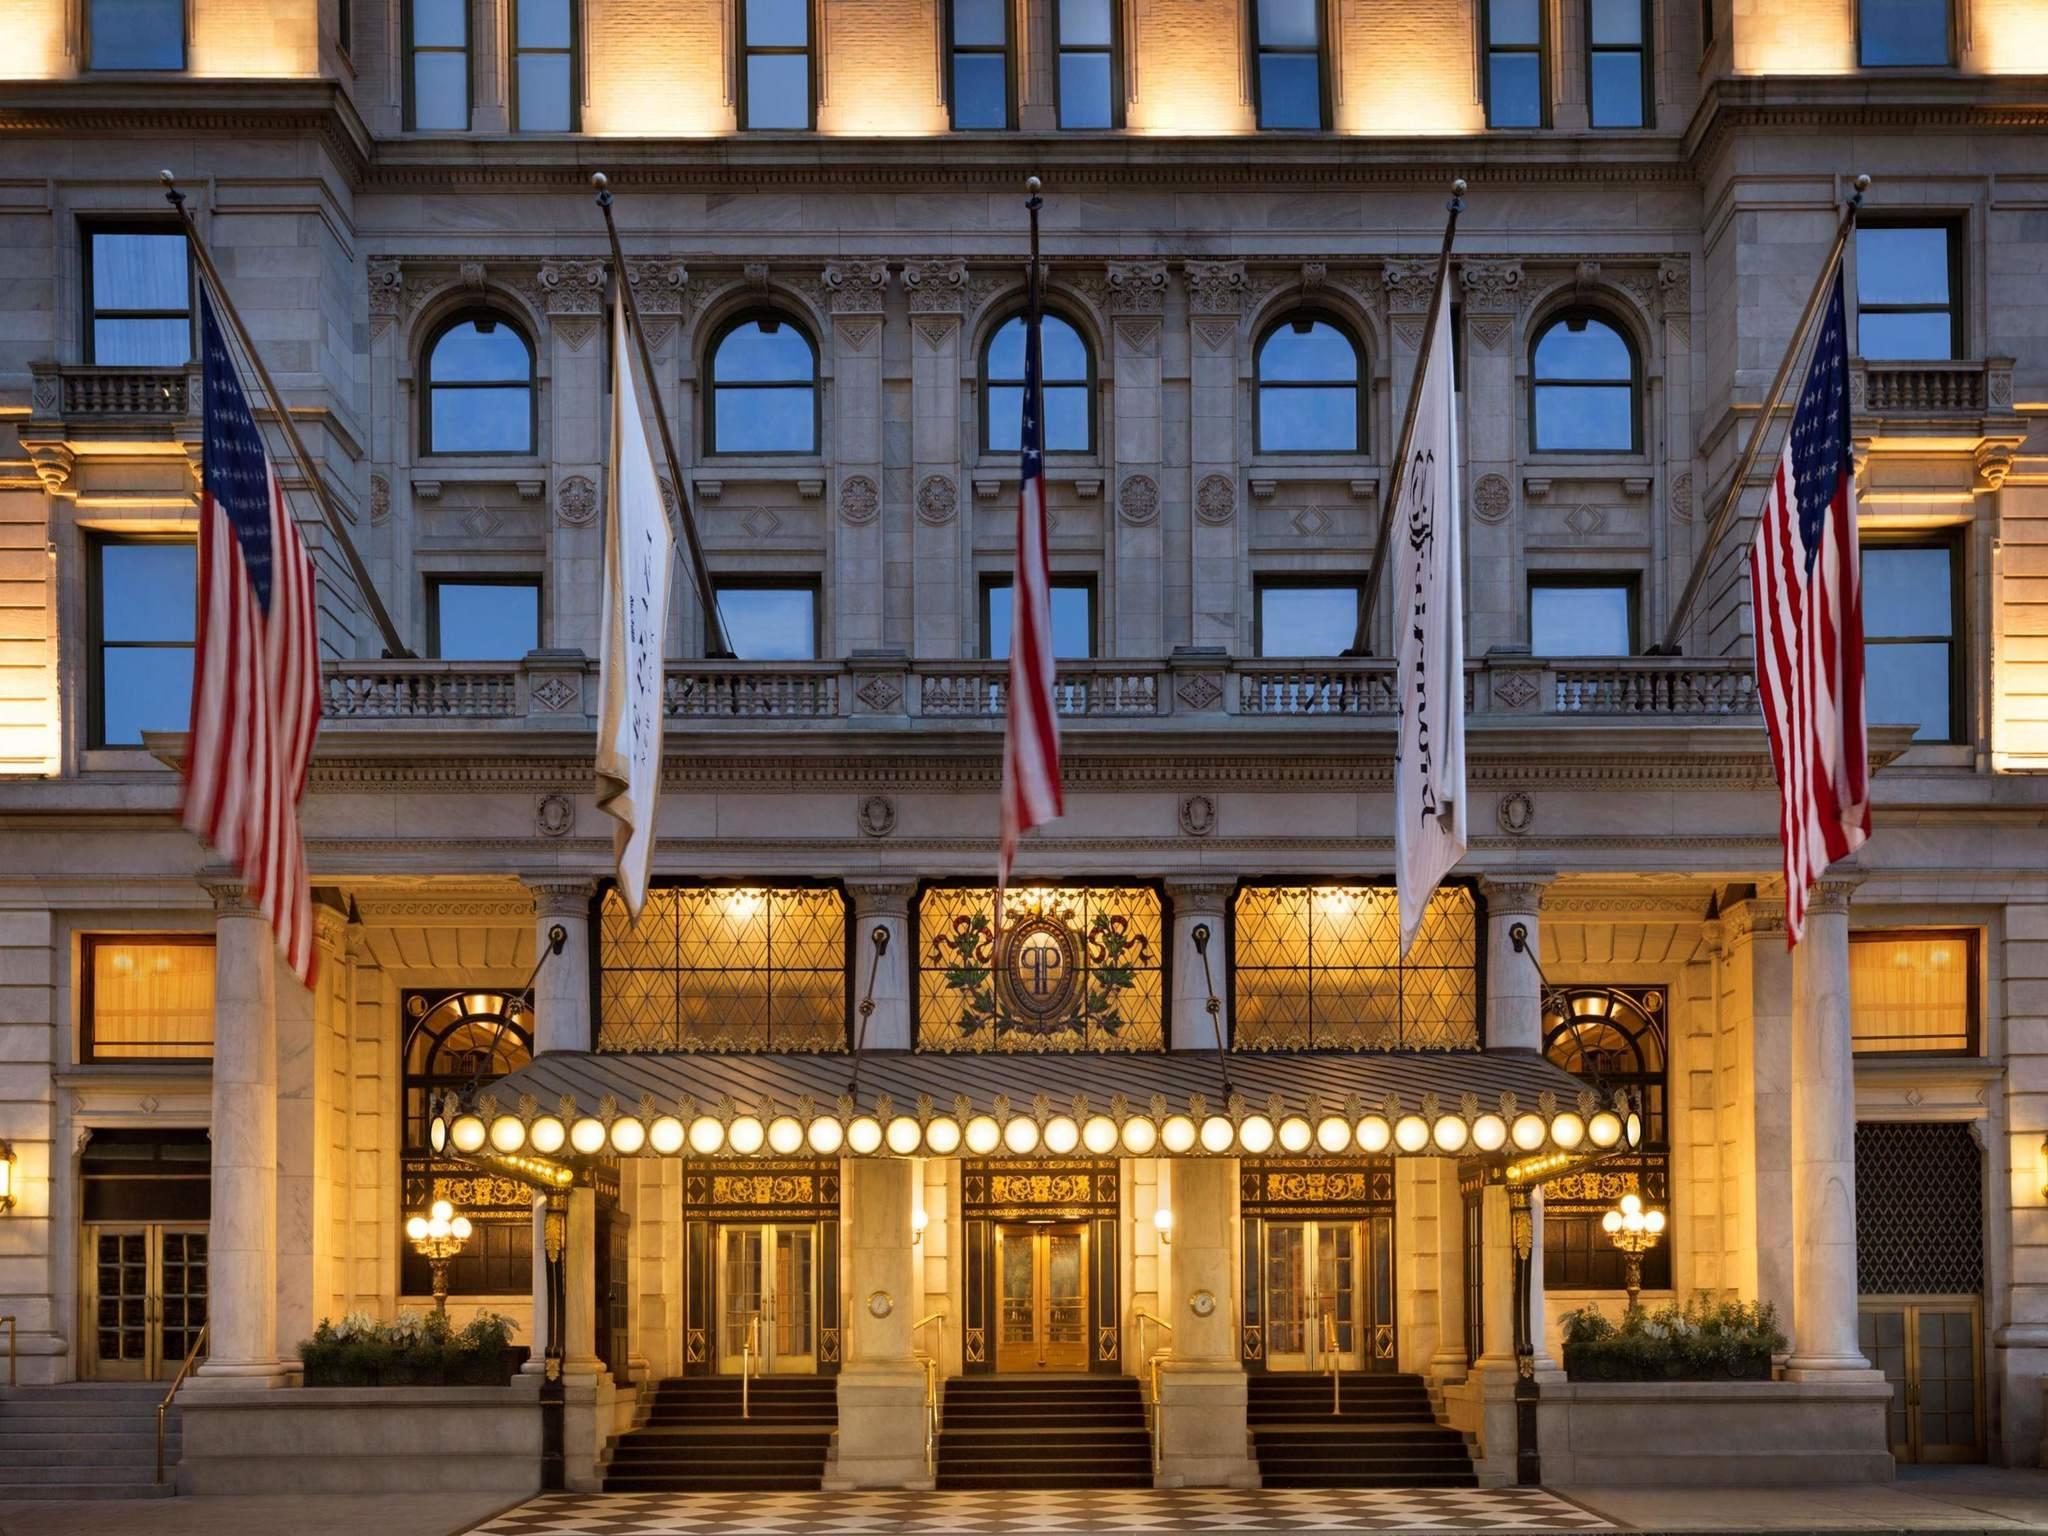 Hotel - The Plaza - Ein von Fairmont geführtes Hotel